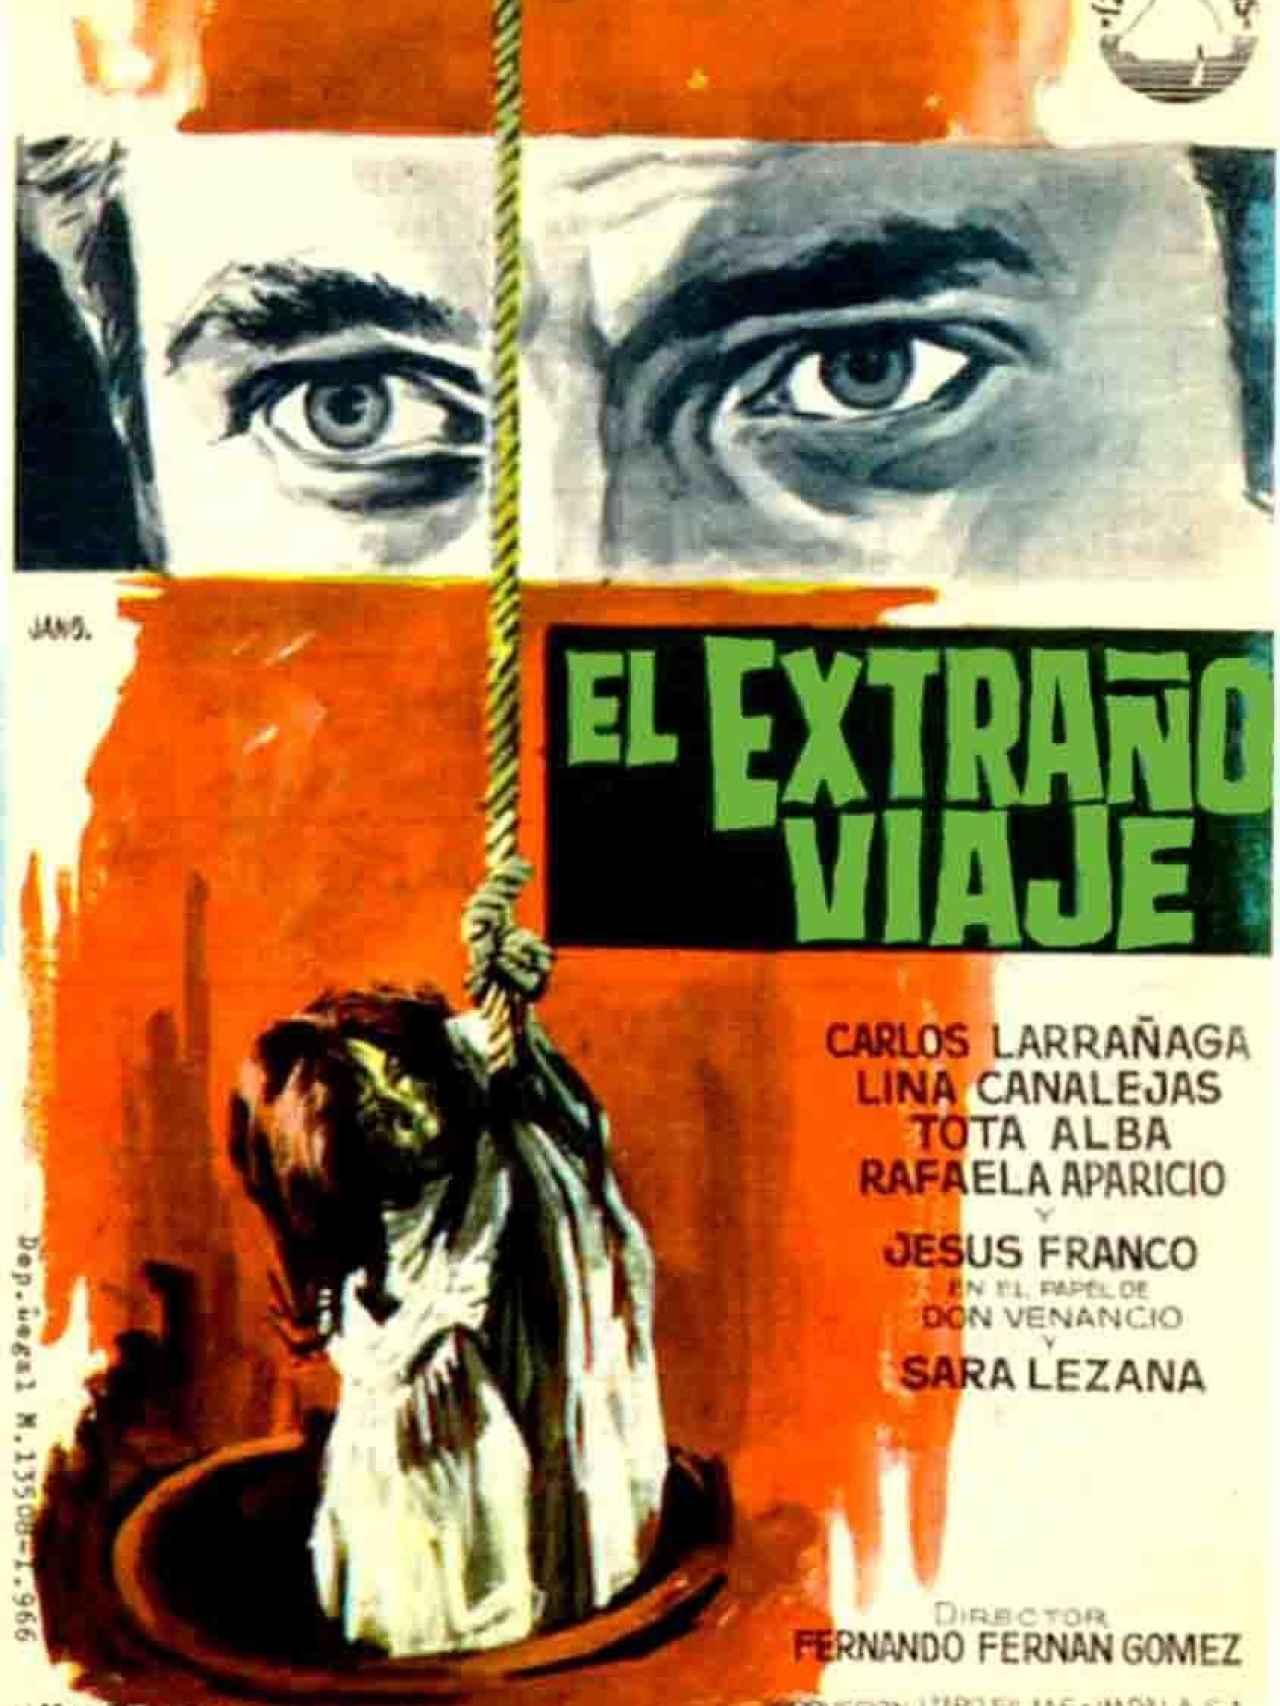 El extraño viaje es una película española de 1964